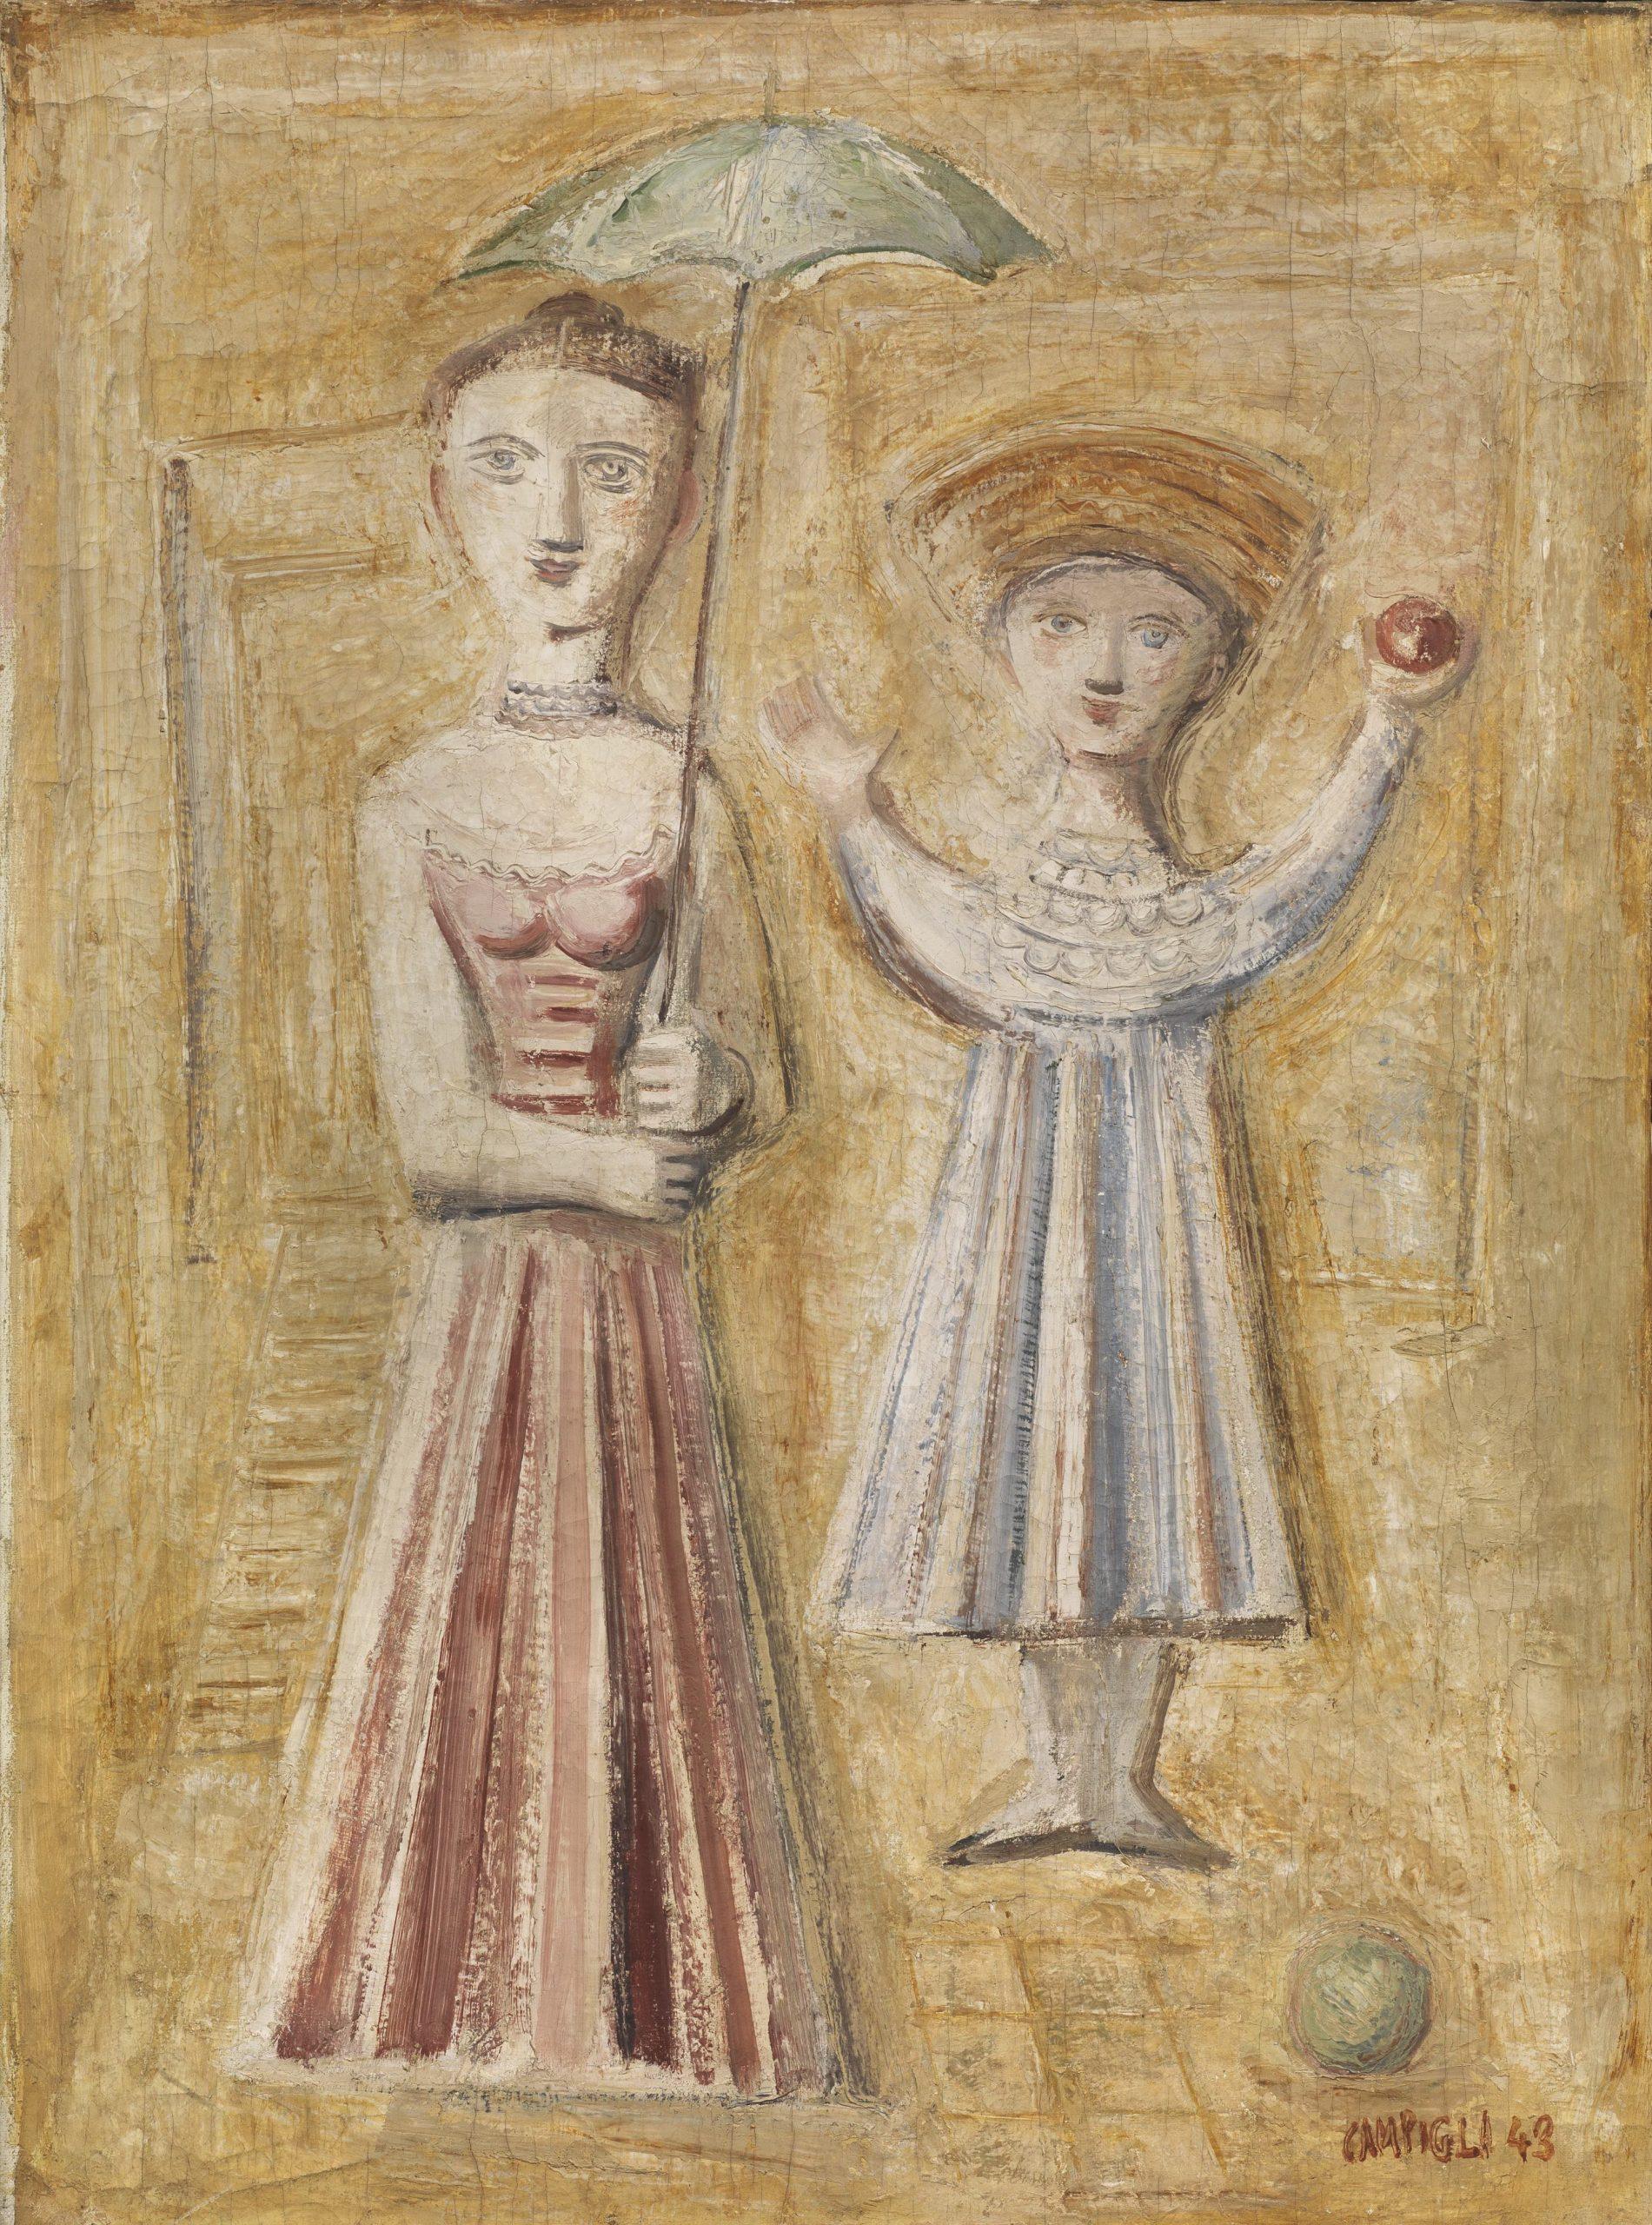 Massimo Campigli, Gioco a palla, 1943, olio su tela, 76x56 cm